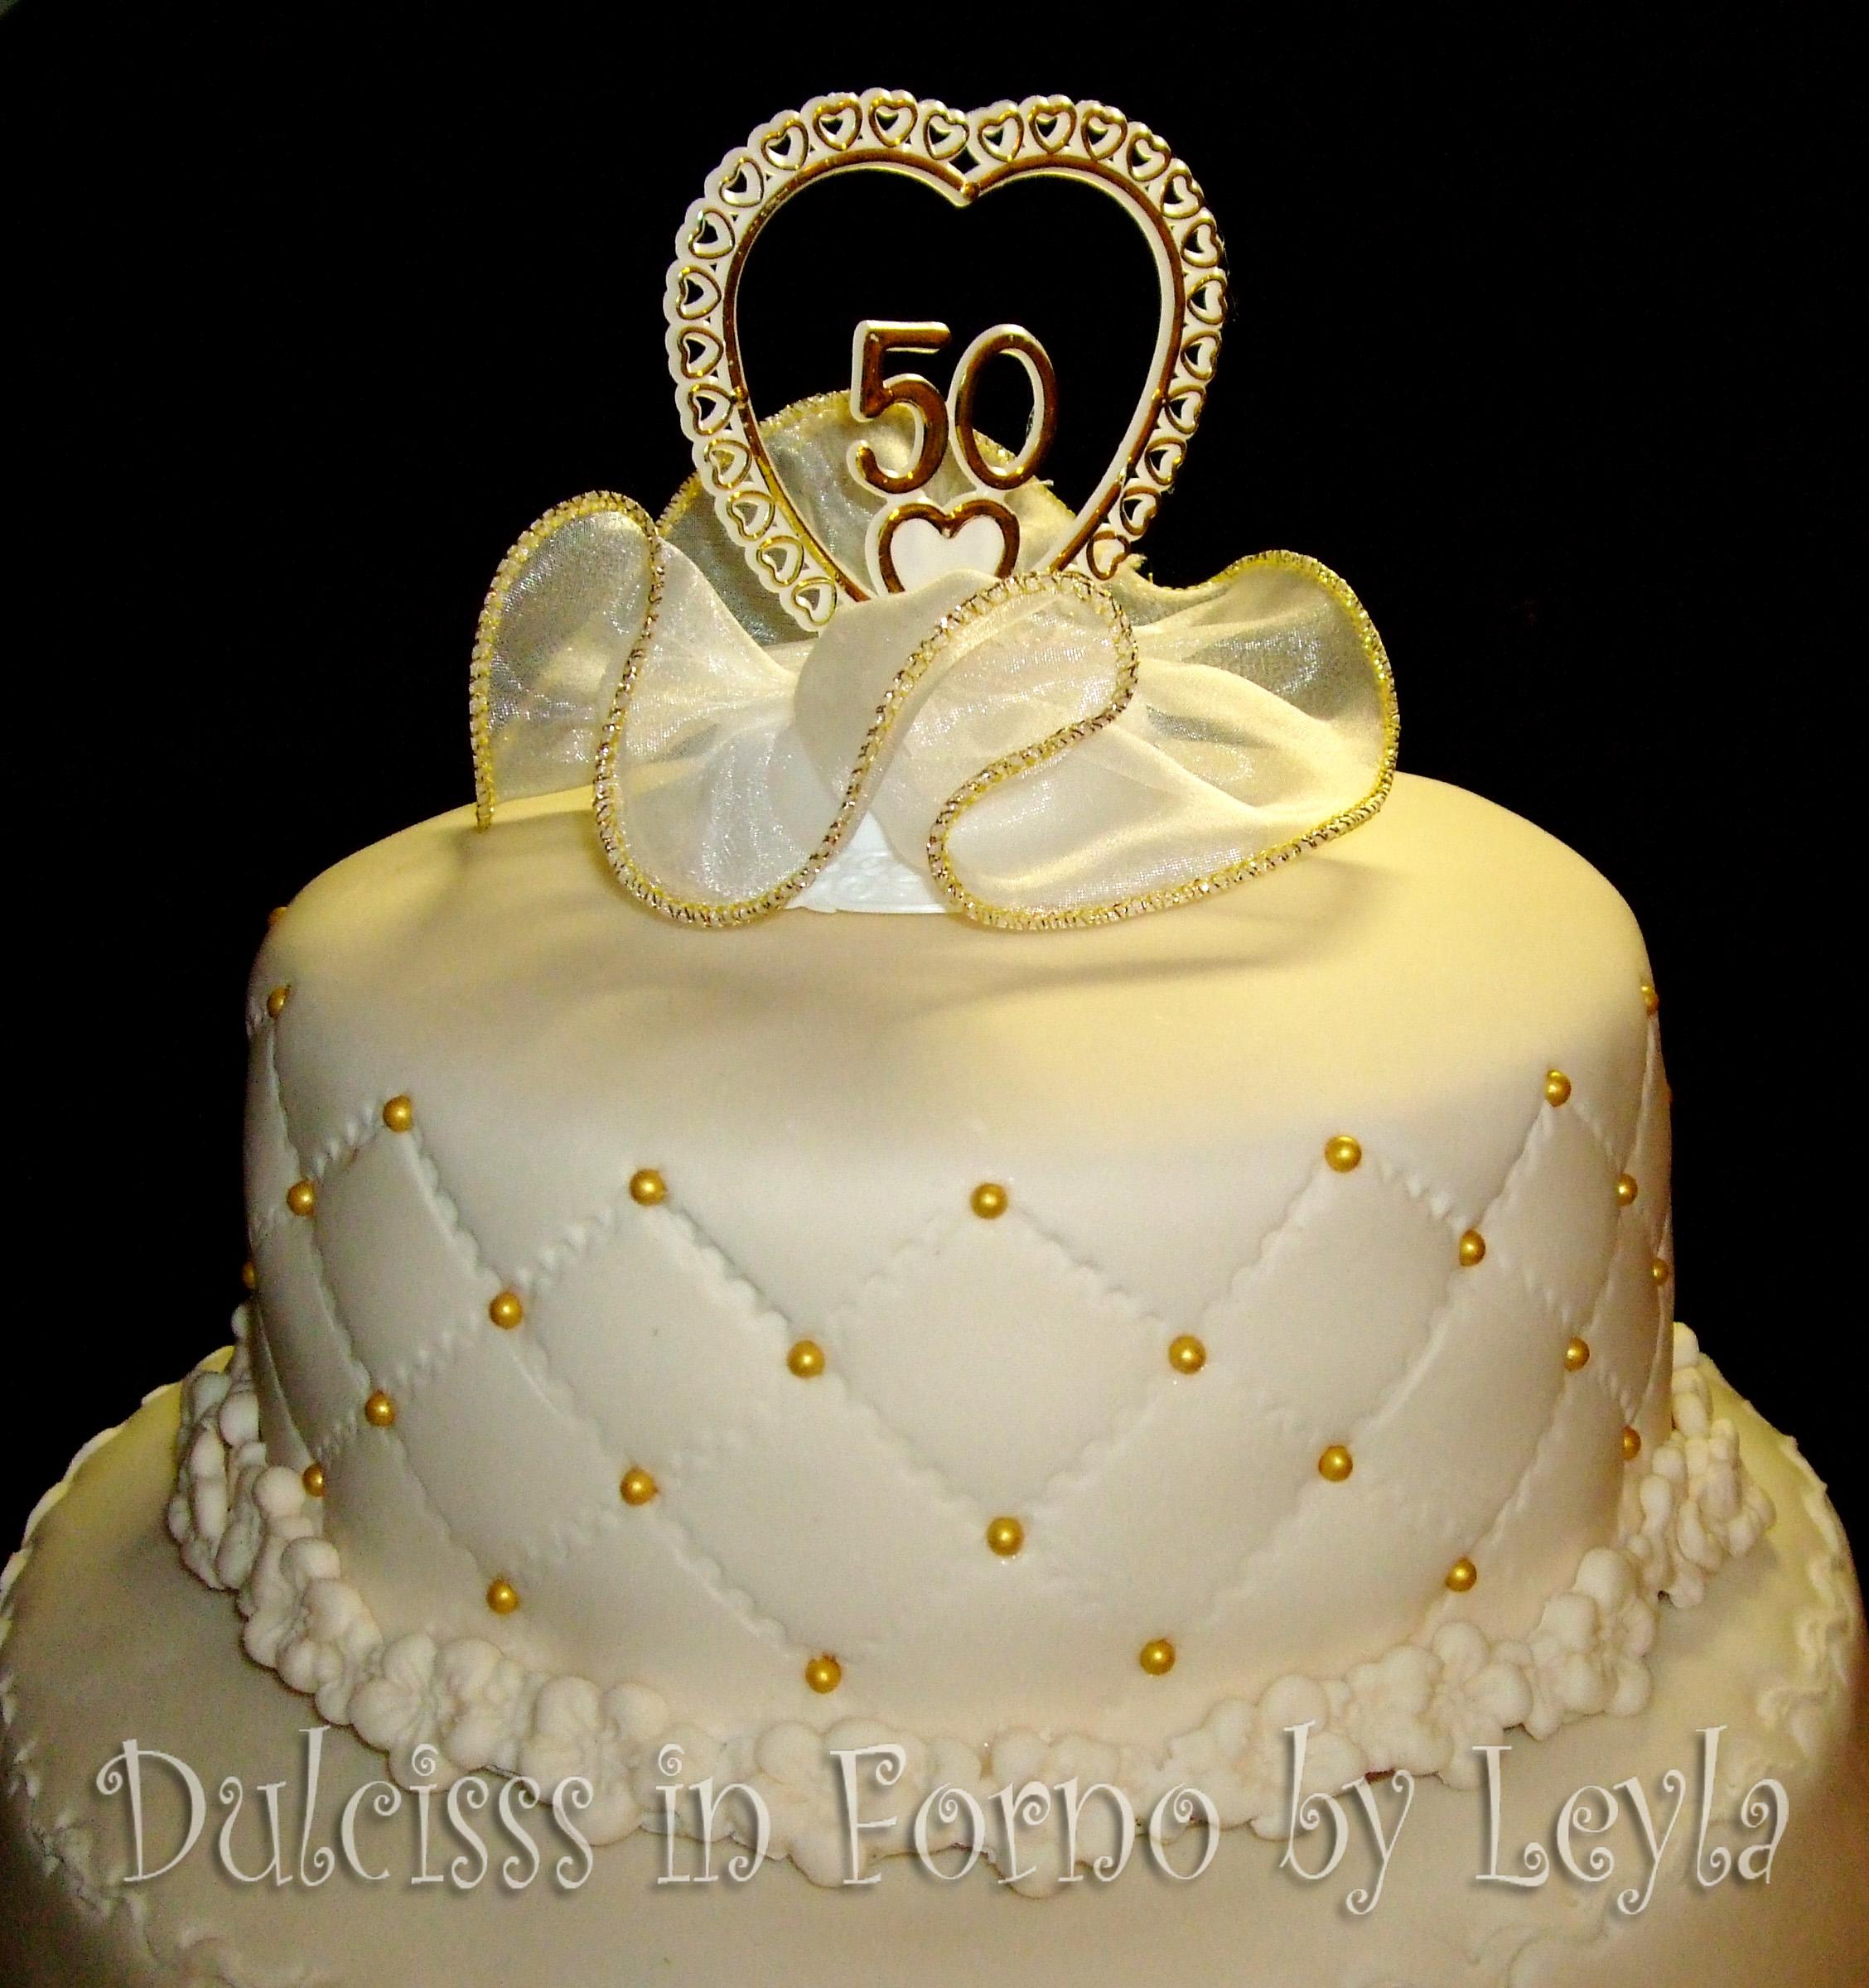 Con la pasta di zucchero avanzata potete realizzare dei decori. Torta 50 Anni Di Matrimonio A 3 Piani In Stile Wedding Decorata In Pasta Di Zucchero